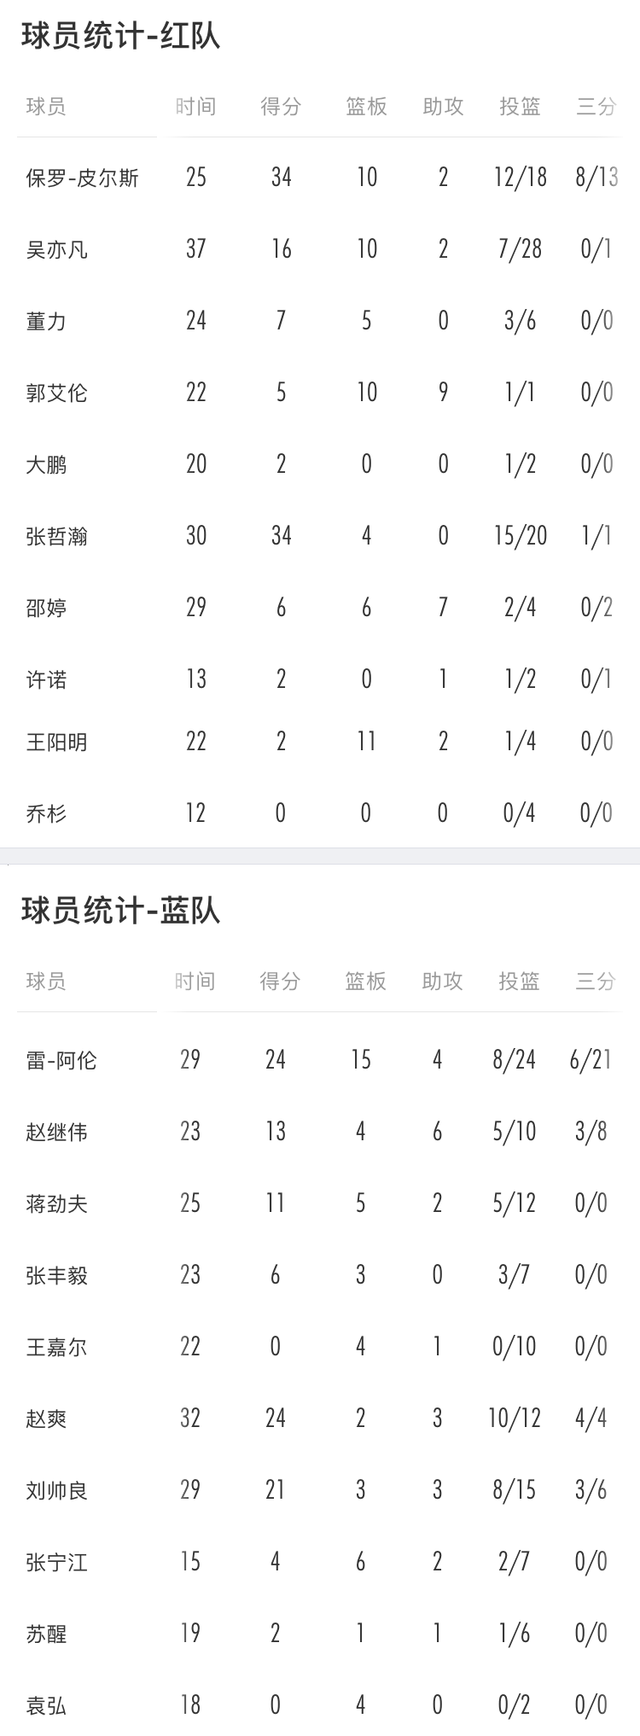 张哲瀚34分获MVP吴亦凡两双 红队胜蓝队